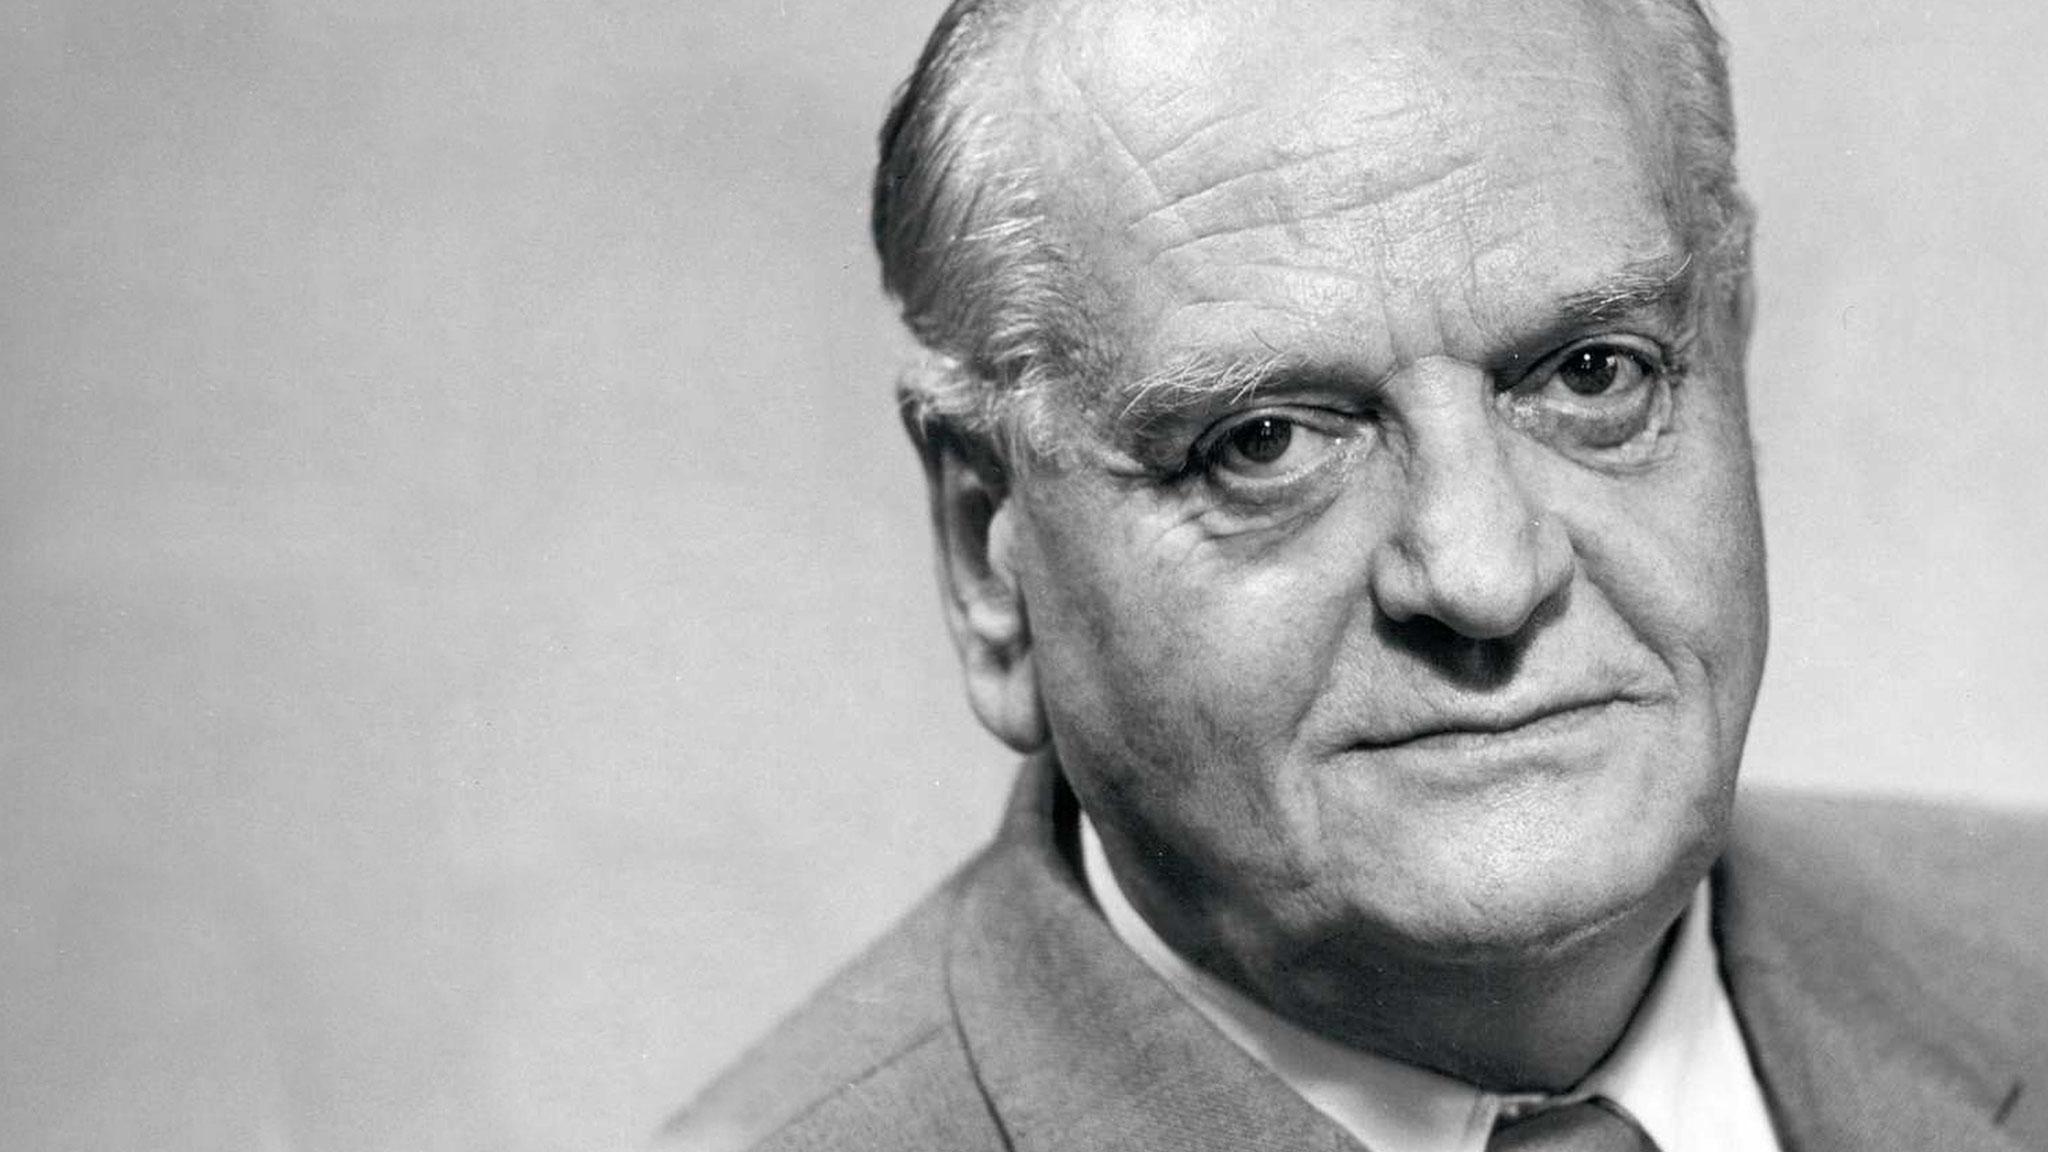 Gottlieb Duttweiler